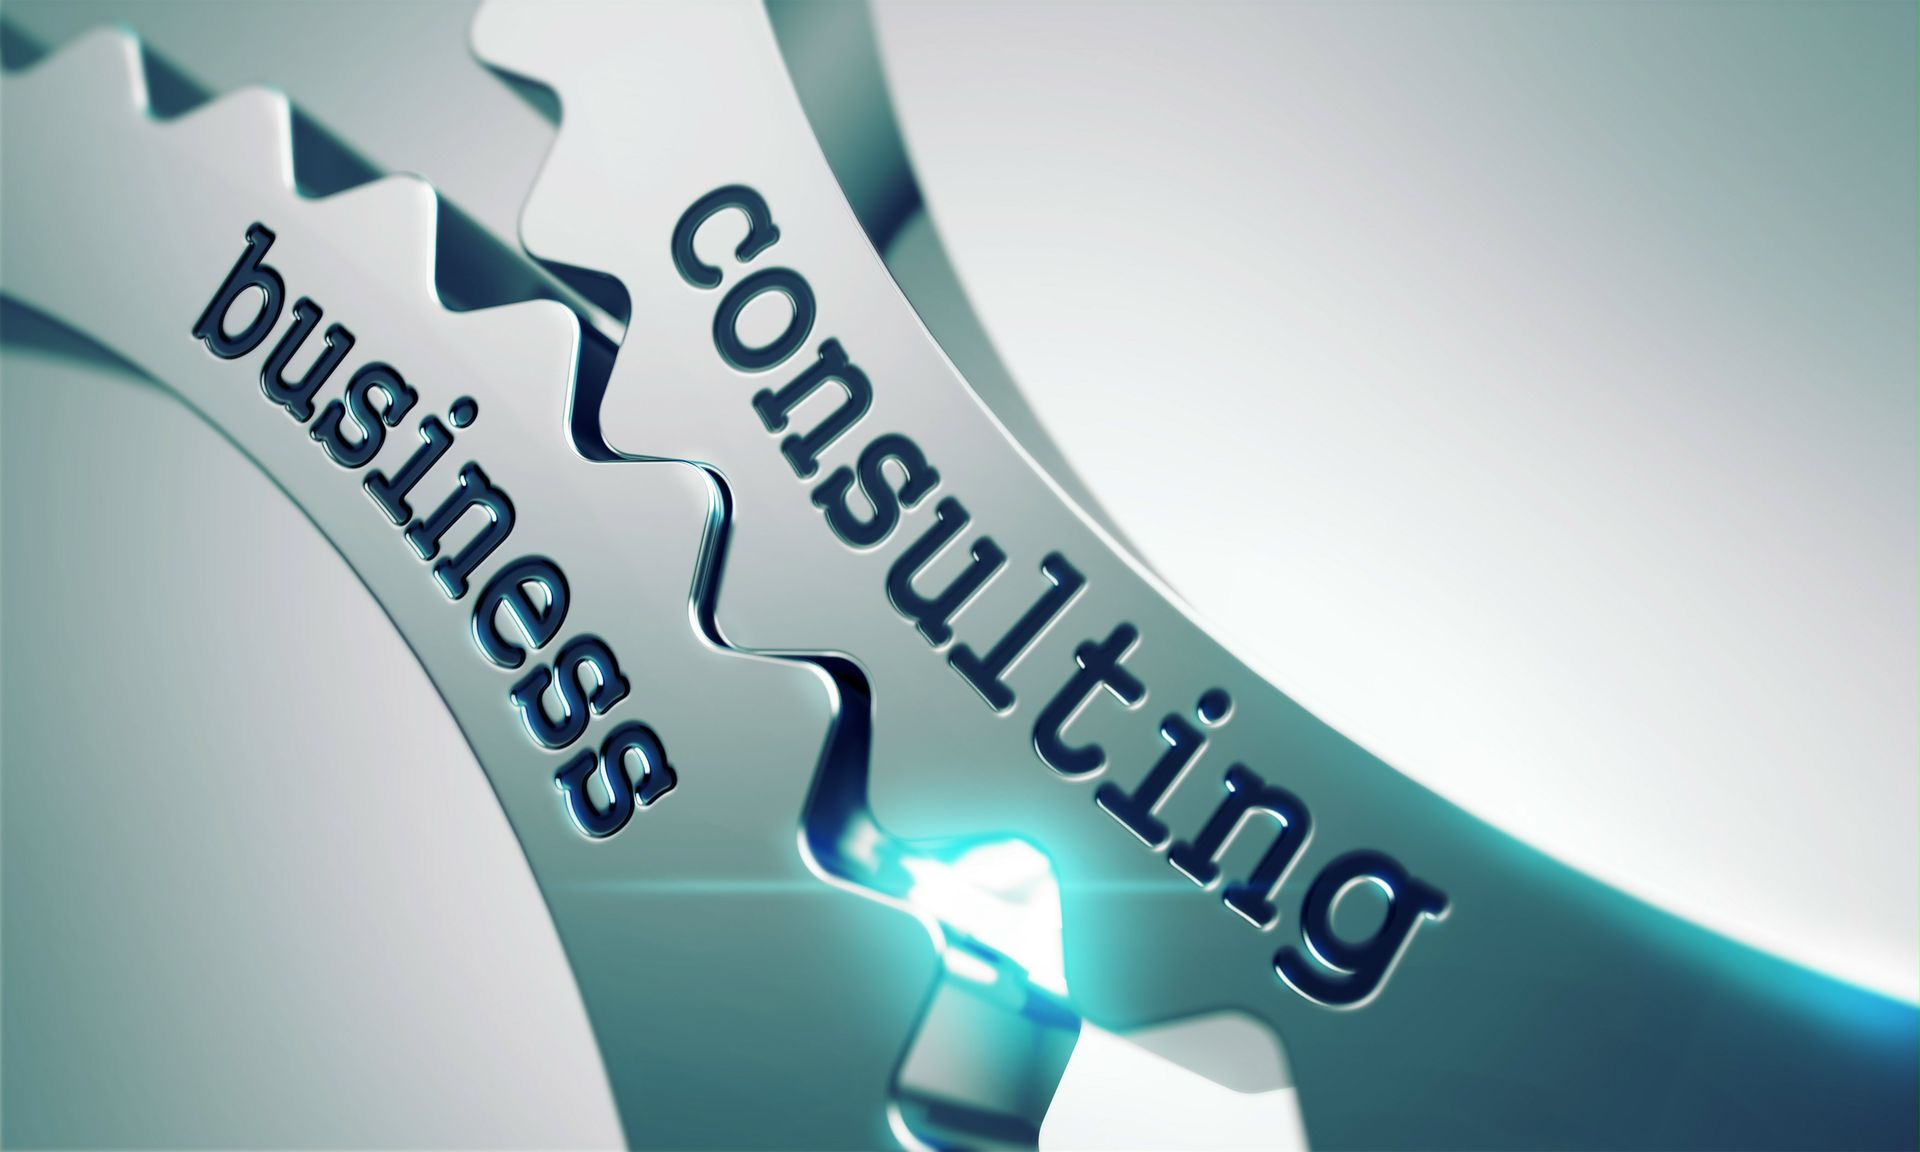 Choosing A Qualified Digital Marketing Professional